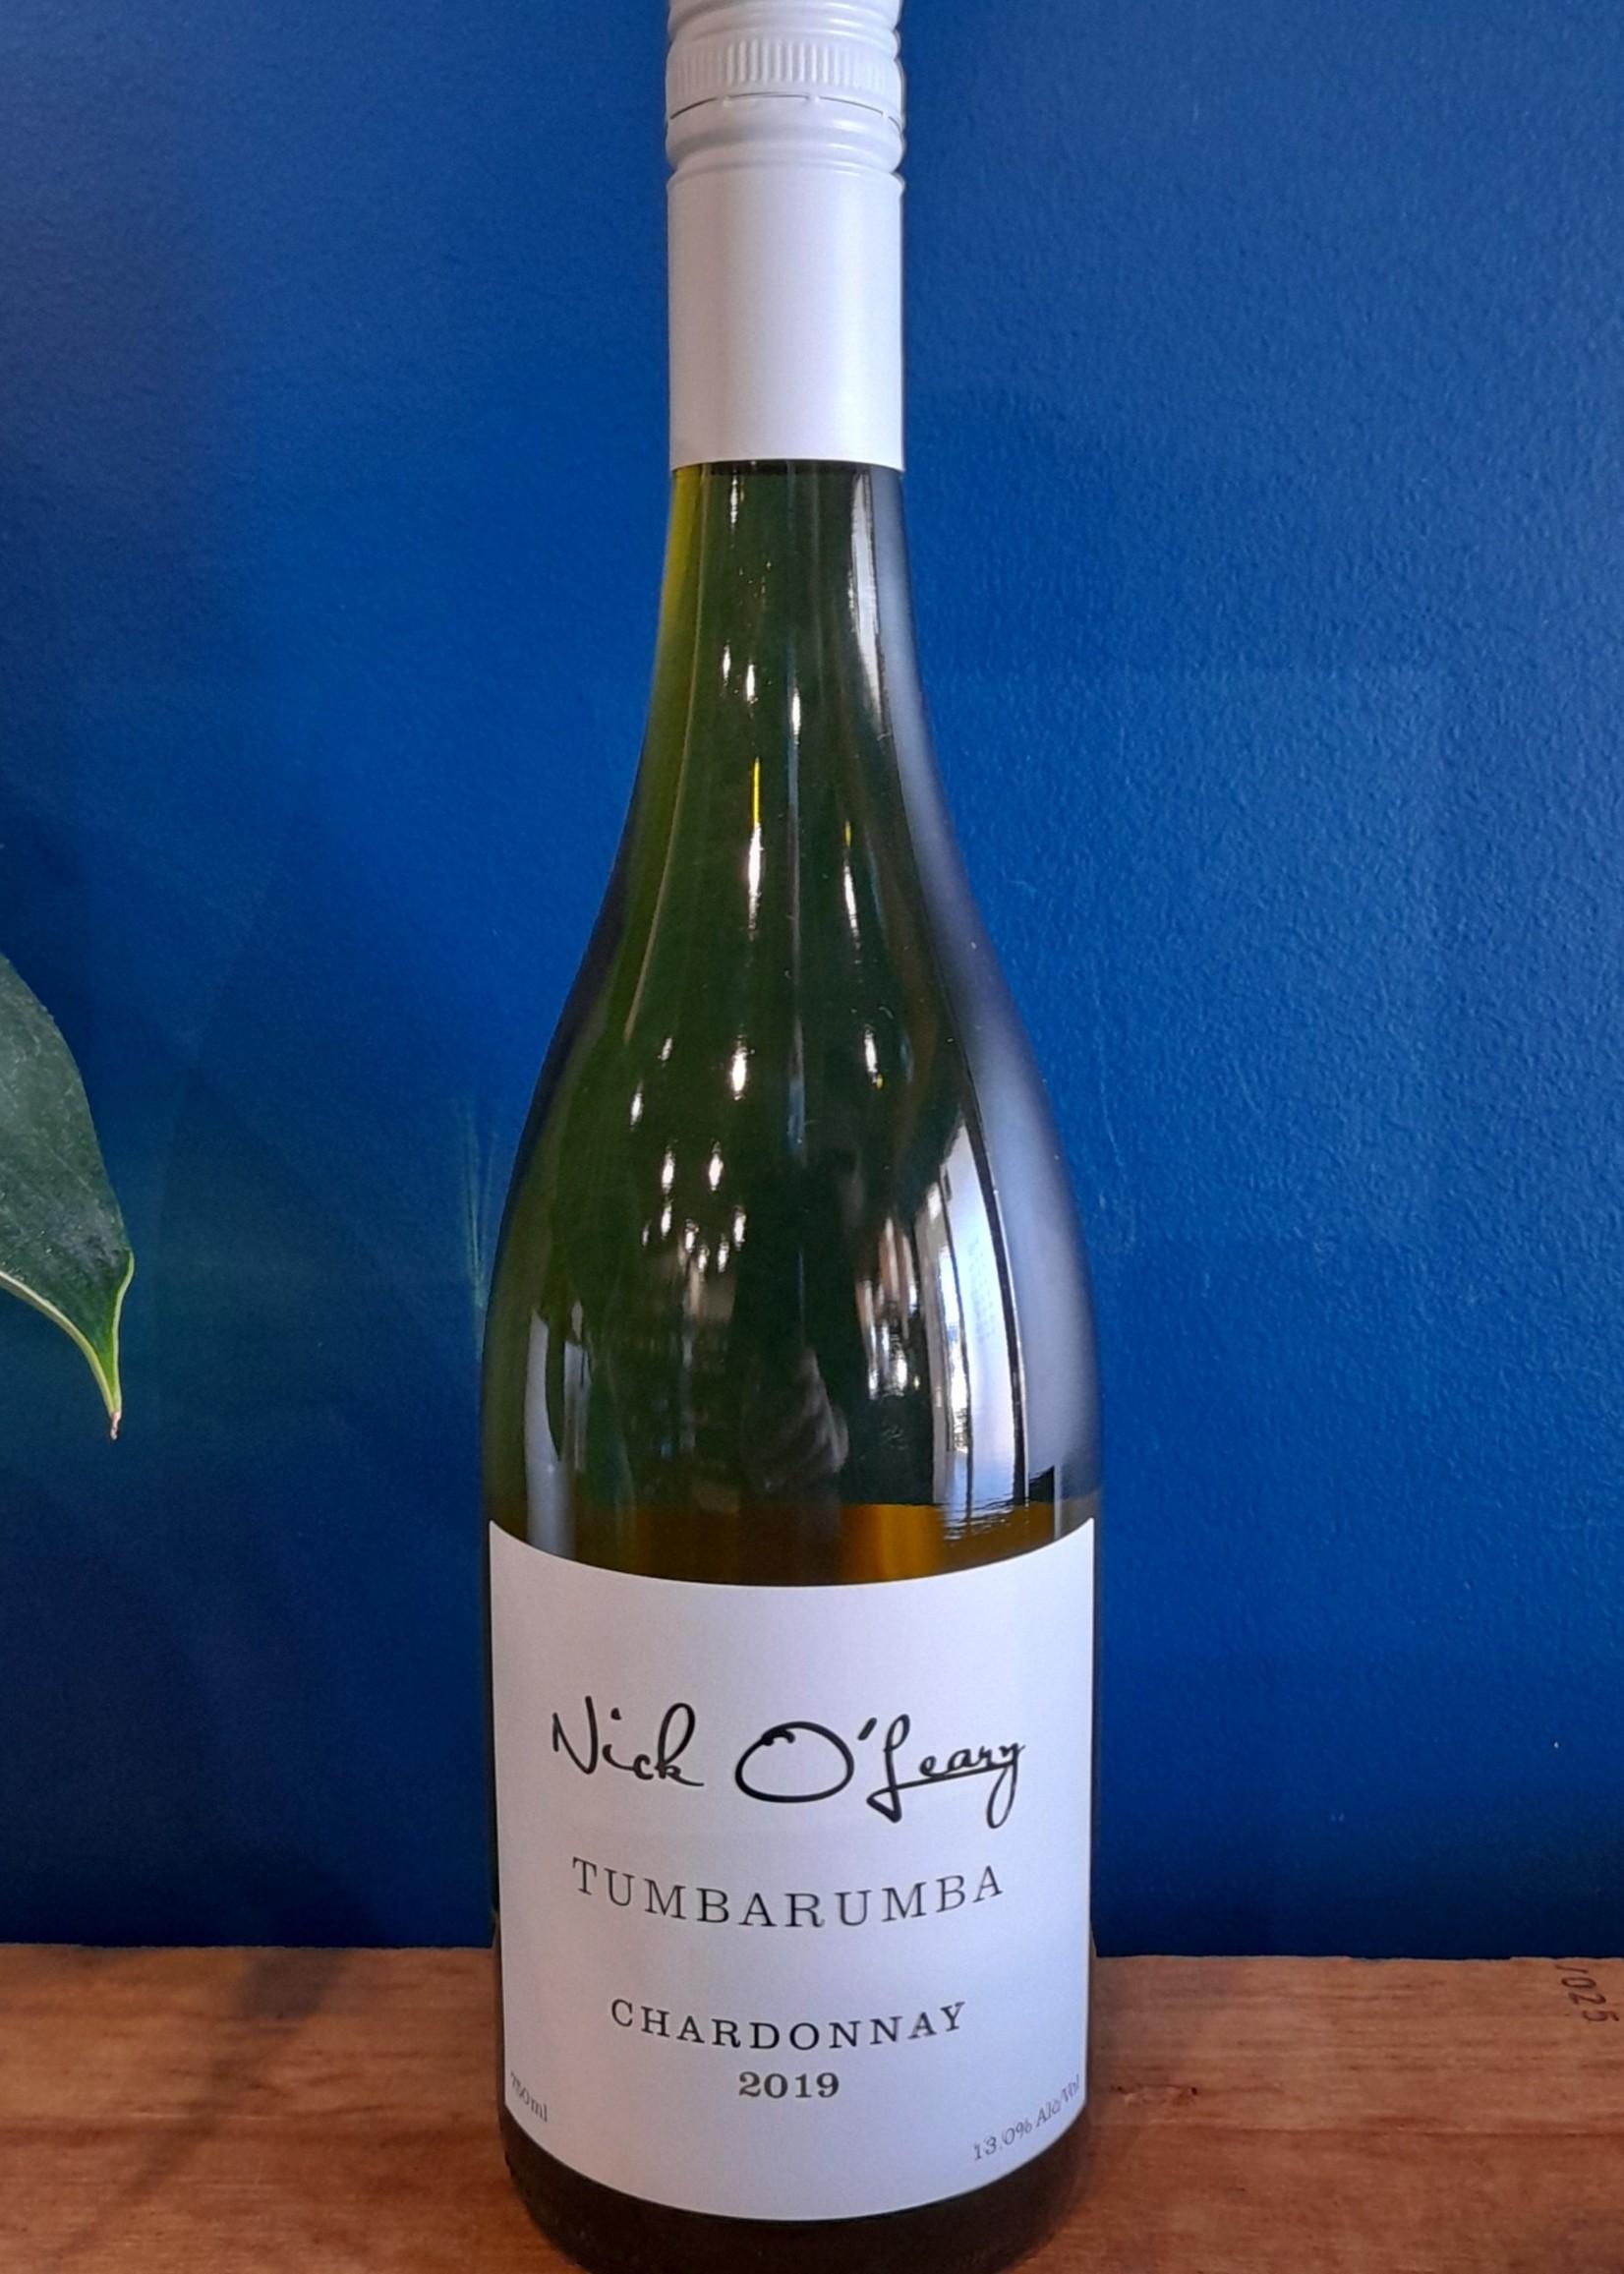 Nick O'Leary Nick O'Leary Chardonnay 2019